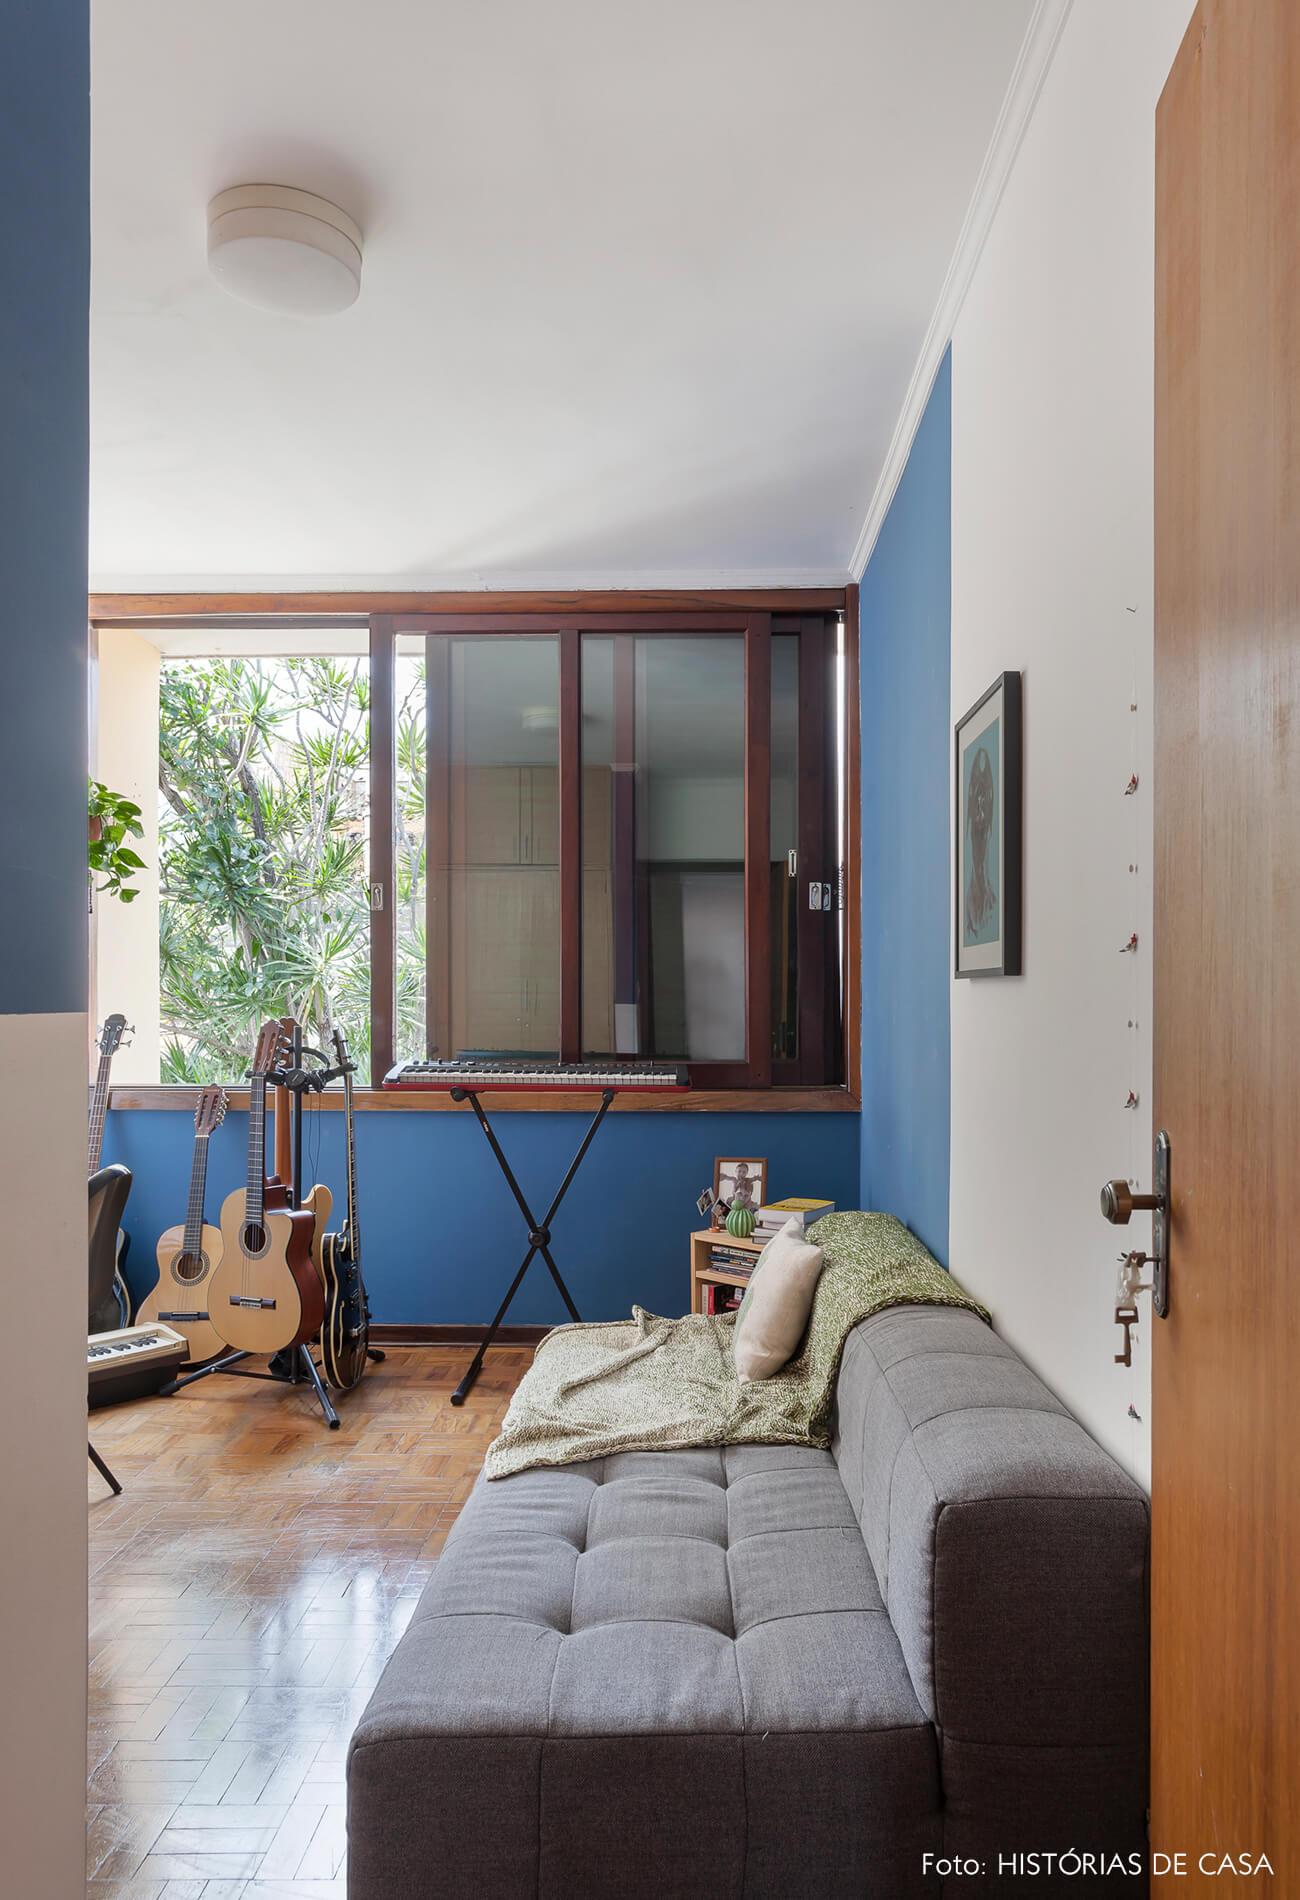 Sala de música com paredes pintadas de azul